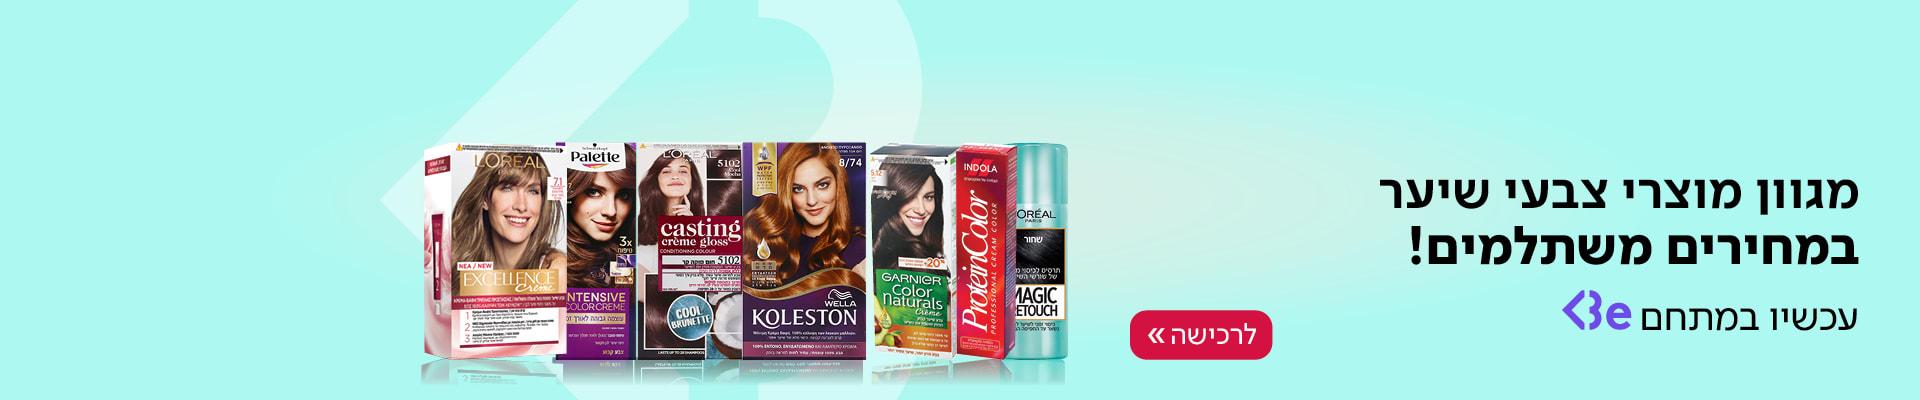 מגוון מוצרי צבעי שיער במחירים מיוחדים עכשיו במתחם Be! בתוקף עד 1.2.21 באונליין בלבד. בכפוף למגוון הקיים בסניפי האונליין